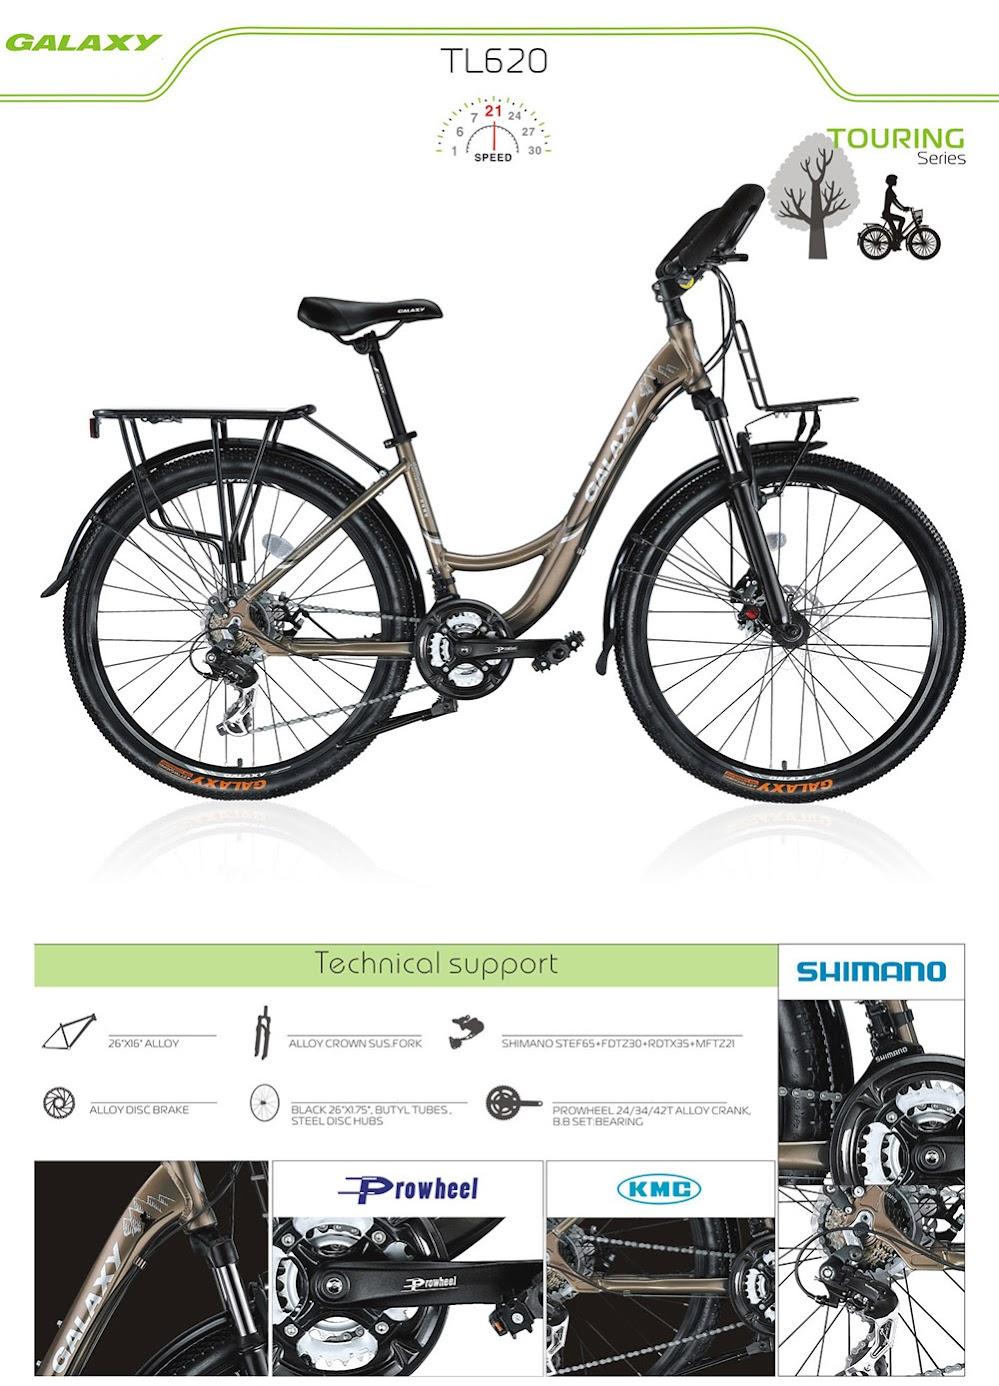 xe dap the thao nu GALAXY TL620, xe dap the thao, xe dap trinx, xe đạp thể thao chính hãng, xe dap asama, tl620